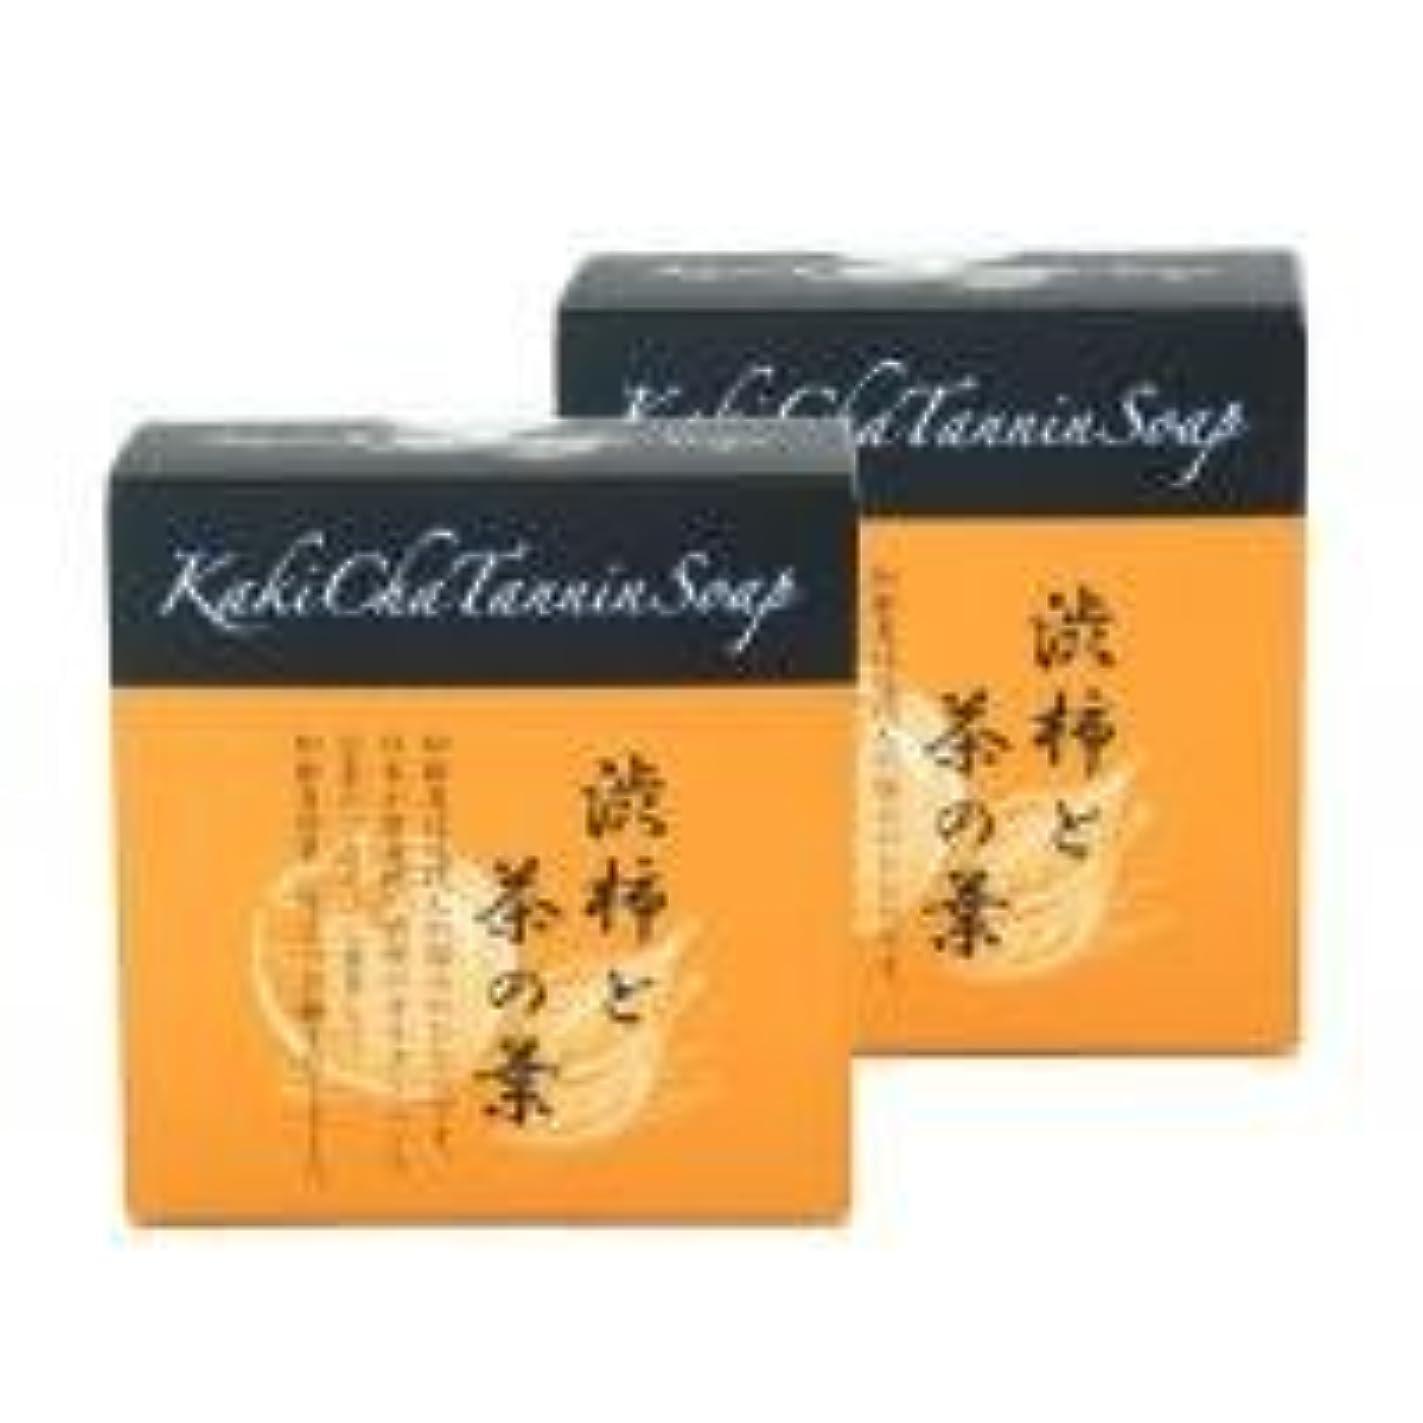 帝国溶岩影響を受けやすいです柿茶タンニンソープ(100g)×2個 K00024W